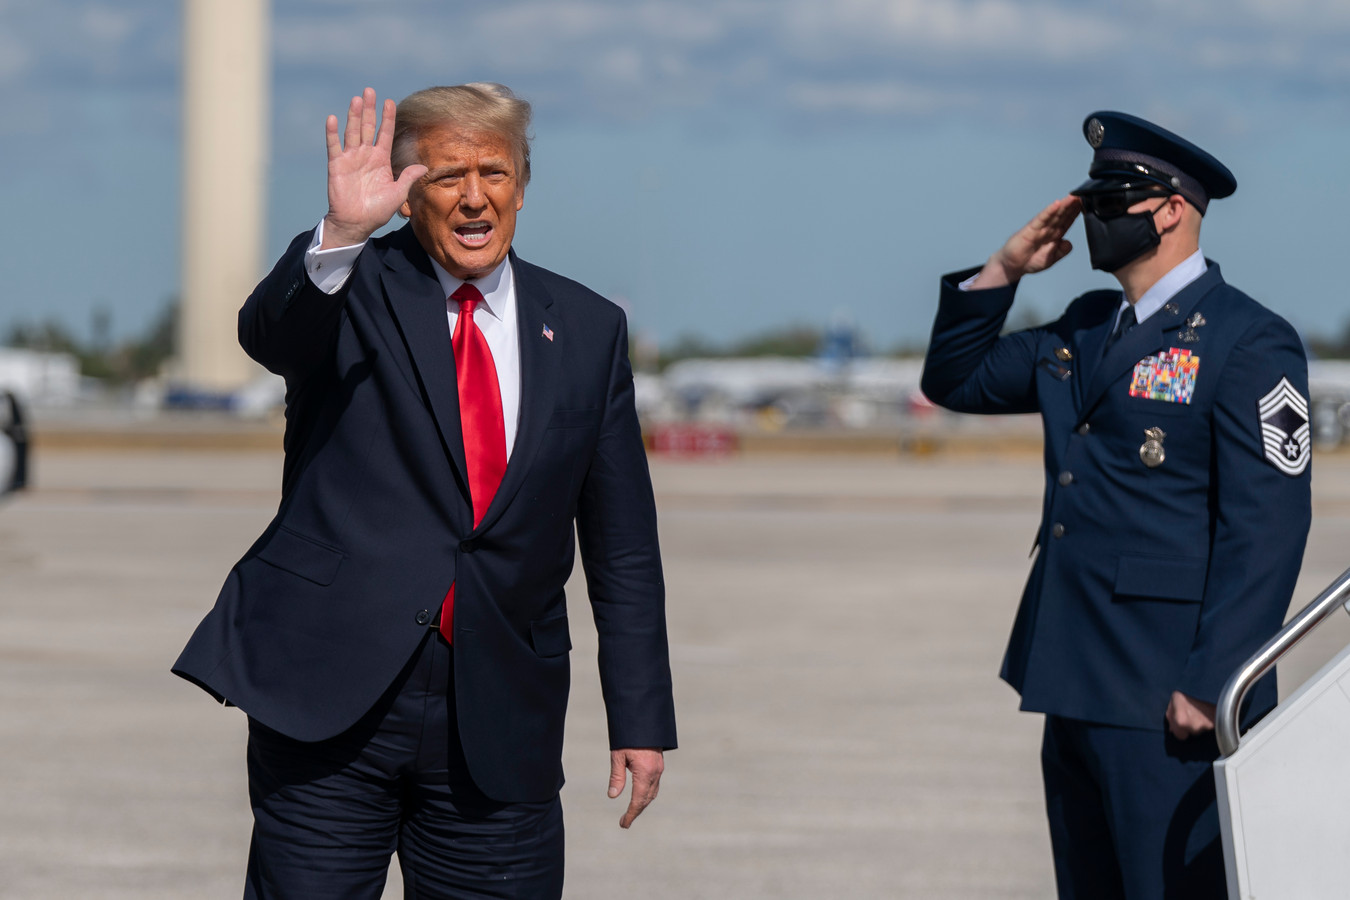 Voormalig Amerikaans president Donald Trump zwaait naar zijn aanhang op de luchthaven van West Palm Beach in Florida, na zijn vertrek uit het Witte Huis woensdag.